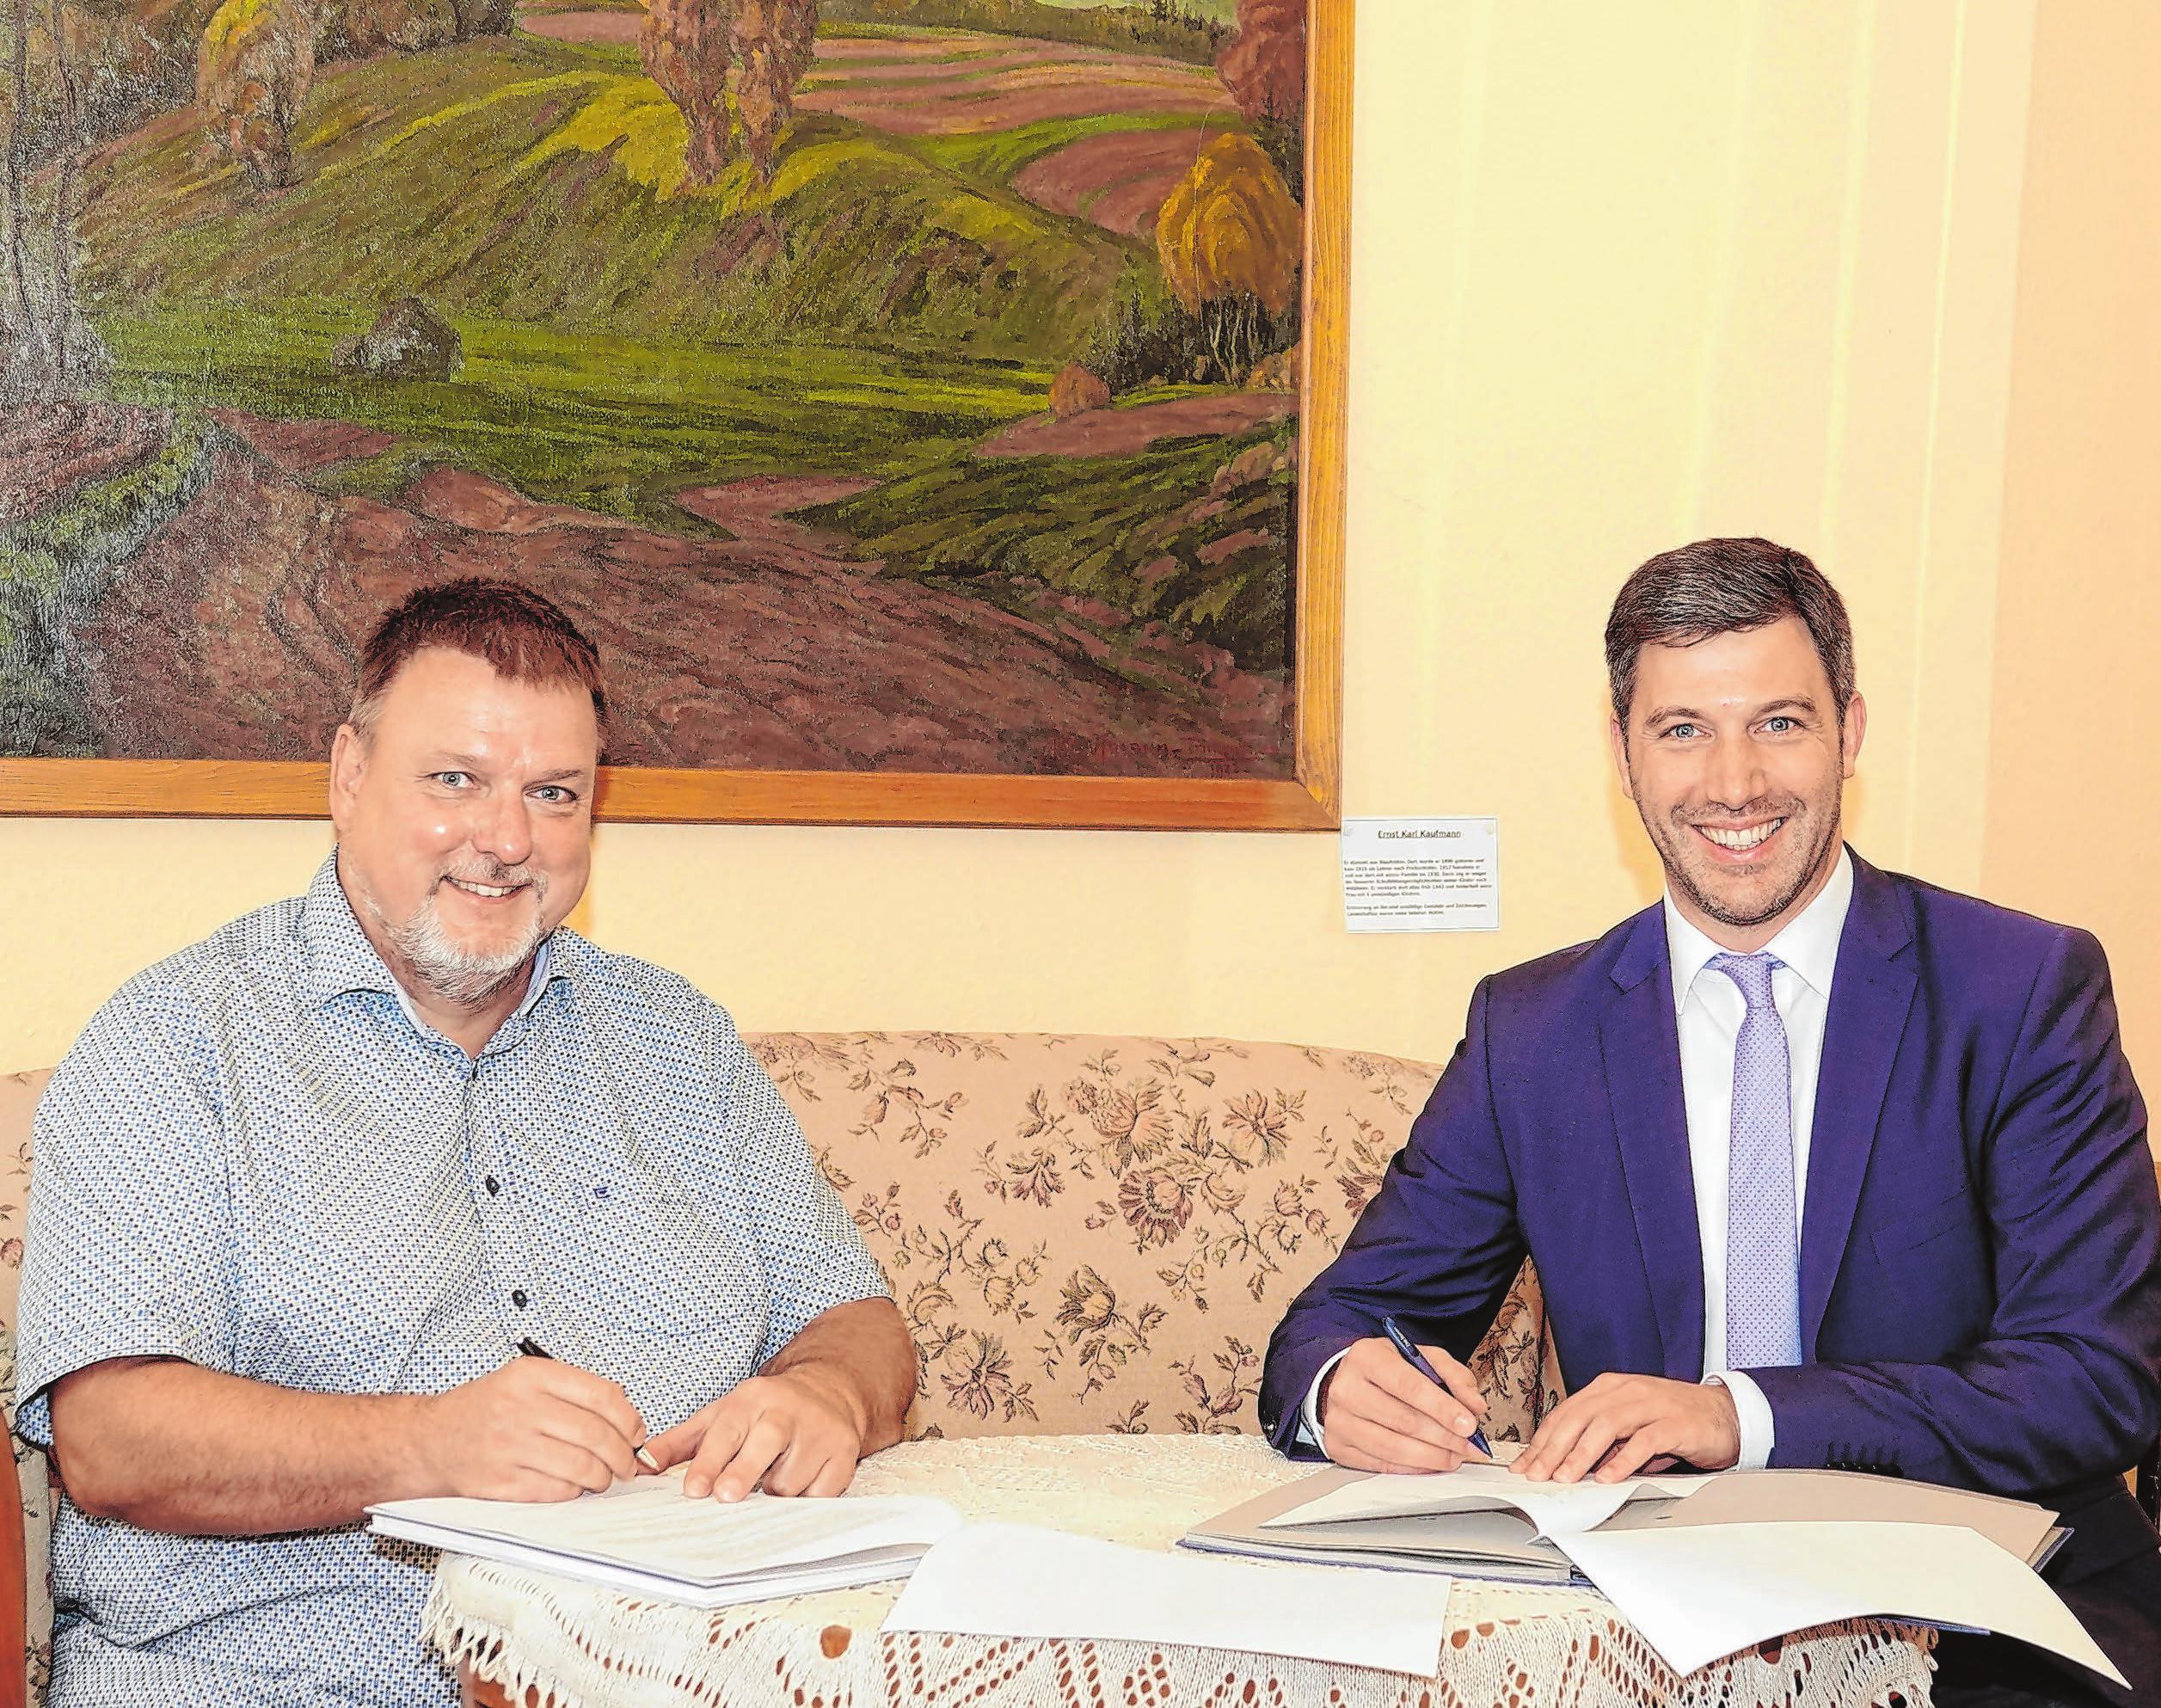 Vorstand Ralf Brix (links) und Bürgermeister Christoph Hald unterzeichnen im Museum Horlachen den neuen Nutzungsvertrag. Foto: Archiv/kol